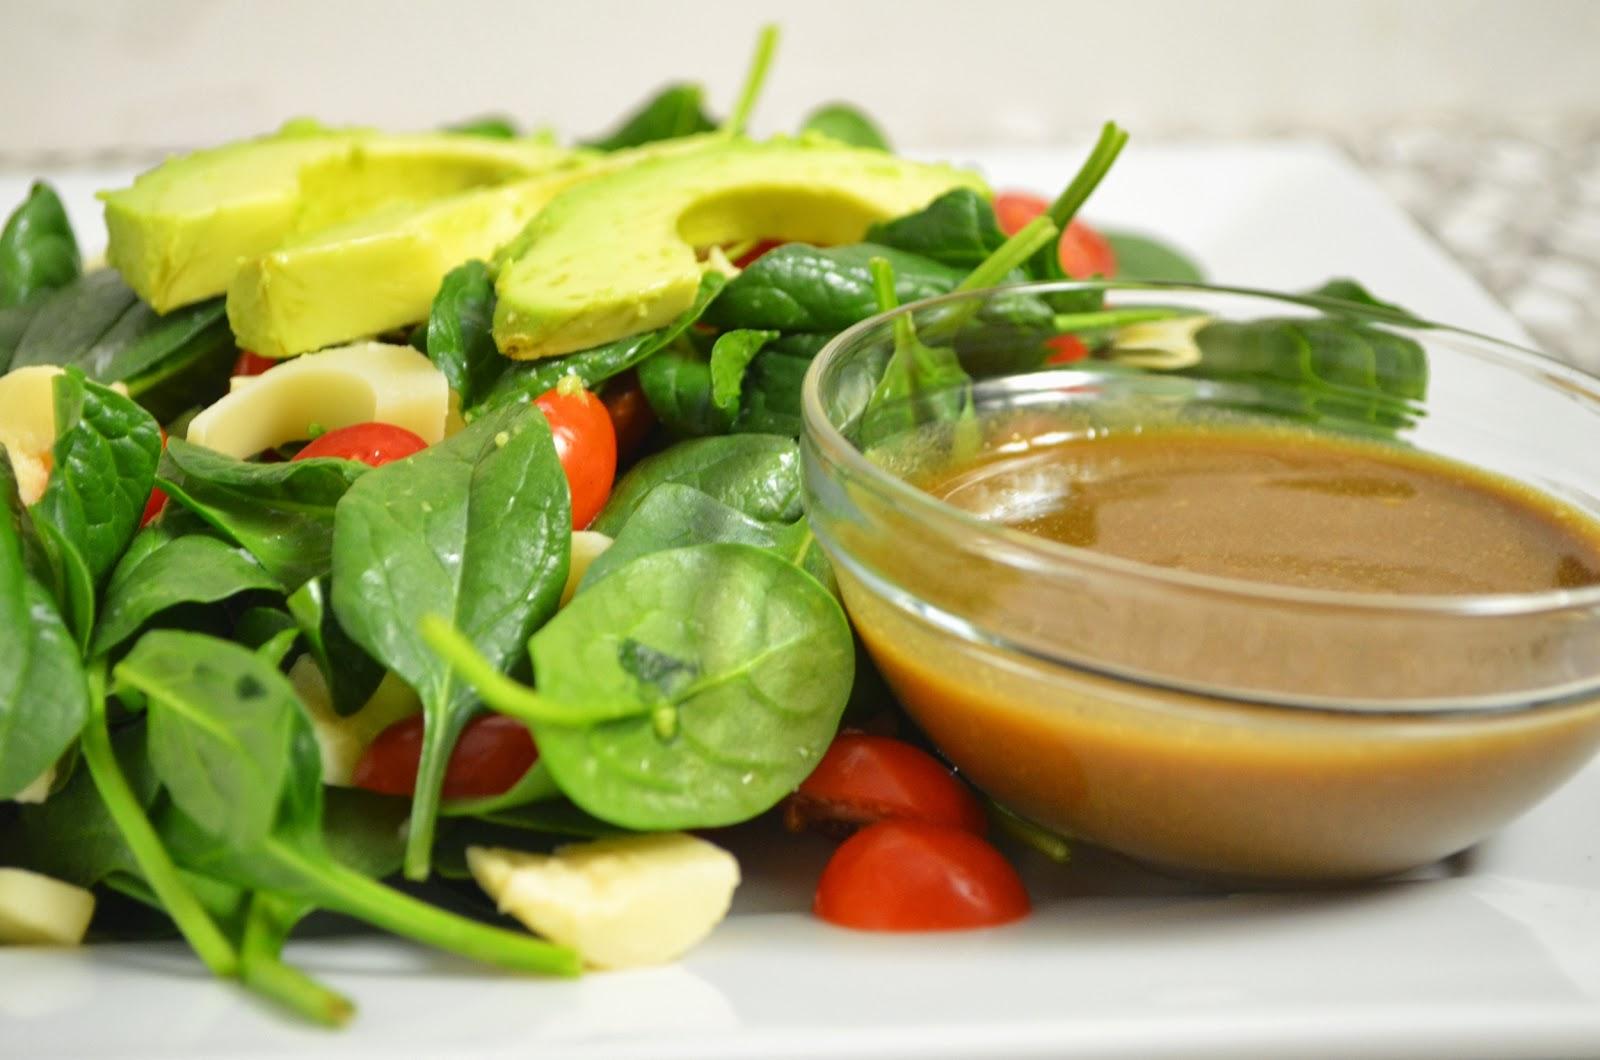 vegetarian: Balsamic Dijon Vinaigrette